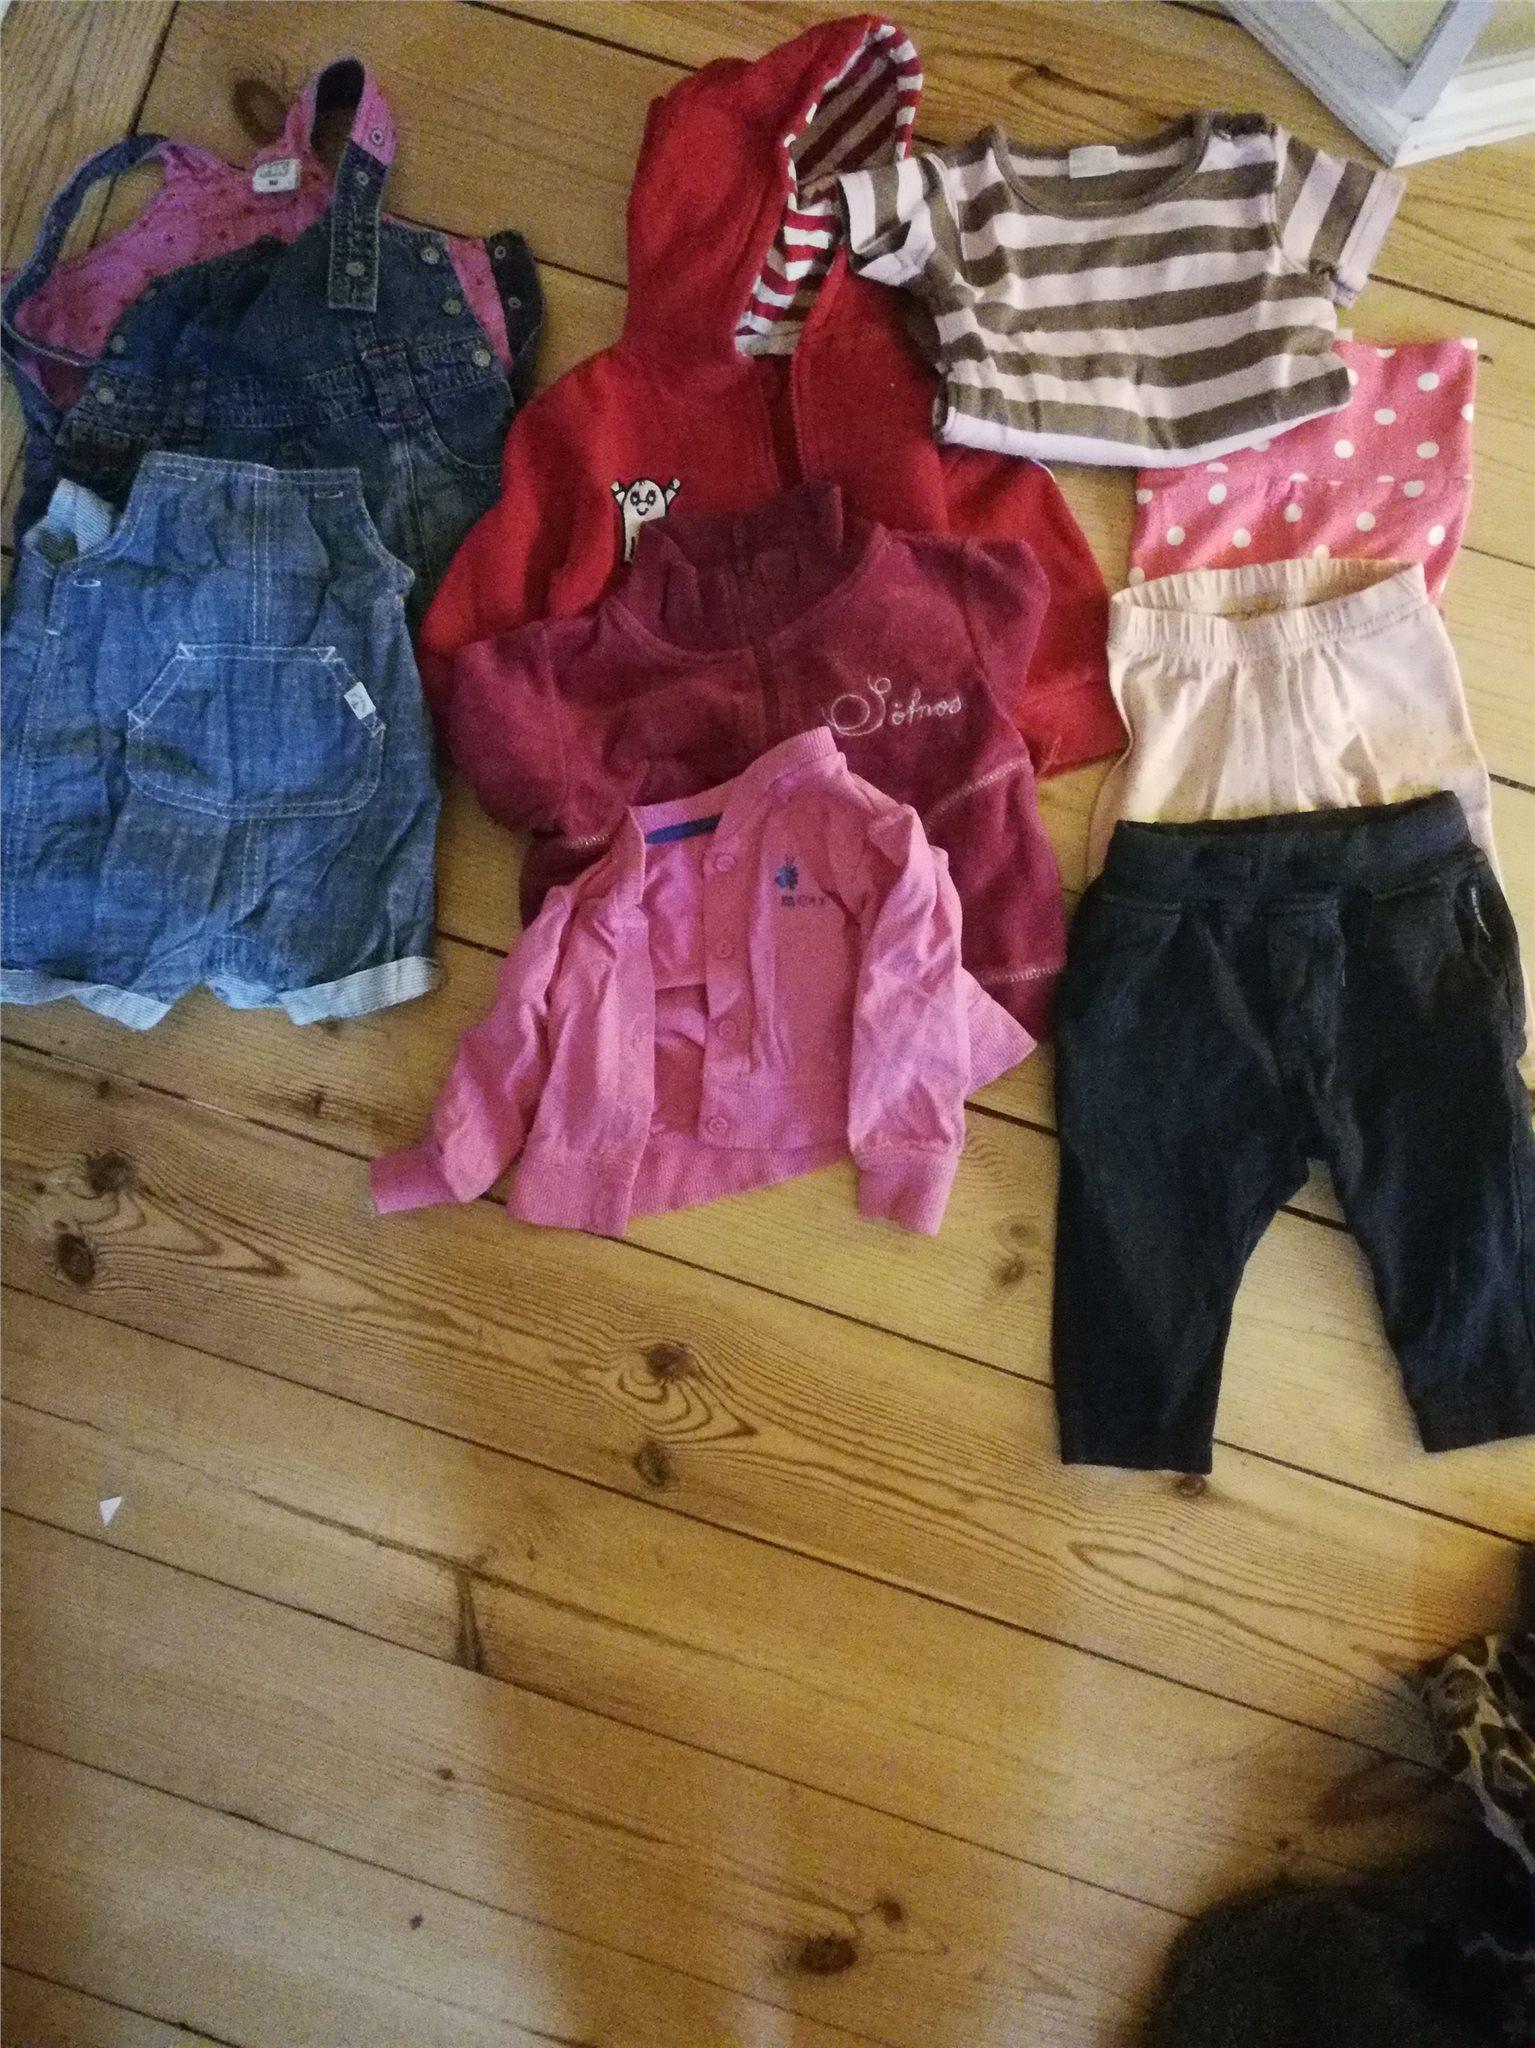 Klädpaket barnkläder storlek 62 (328490111) ᐈ Köp på Tradera 6811c87d35e1f